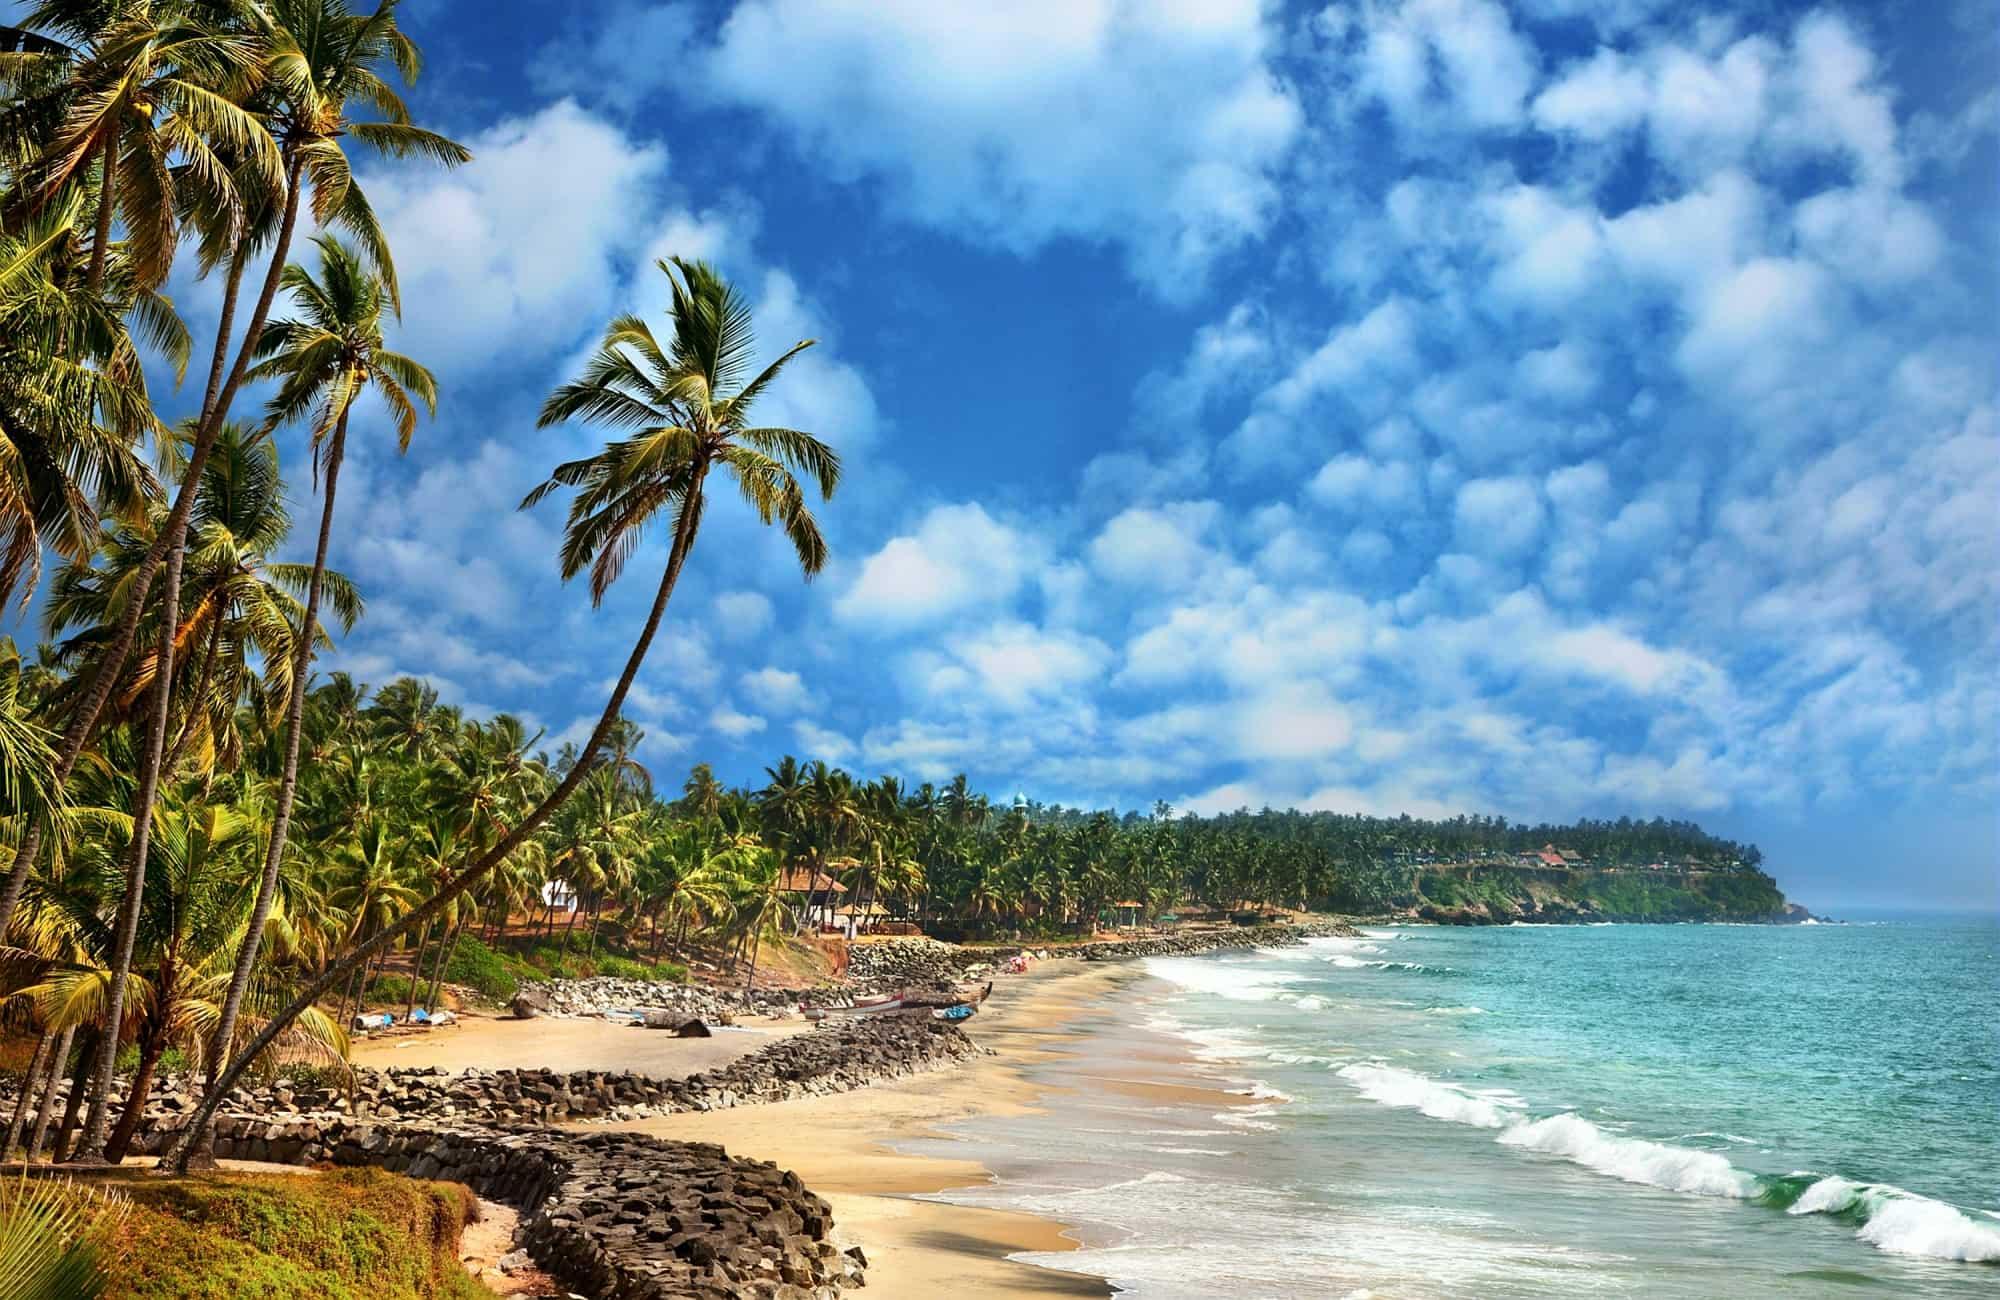 Voyage au Kerala - Varkala - Amplitudes